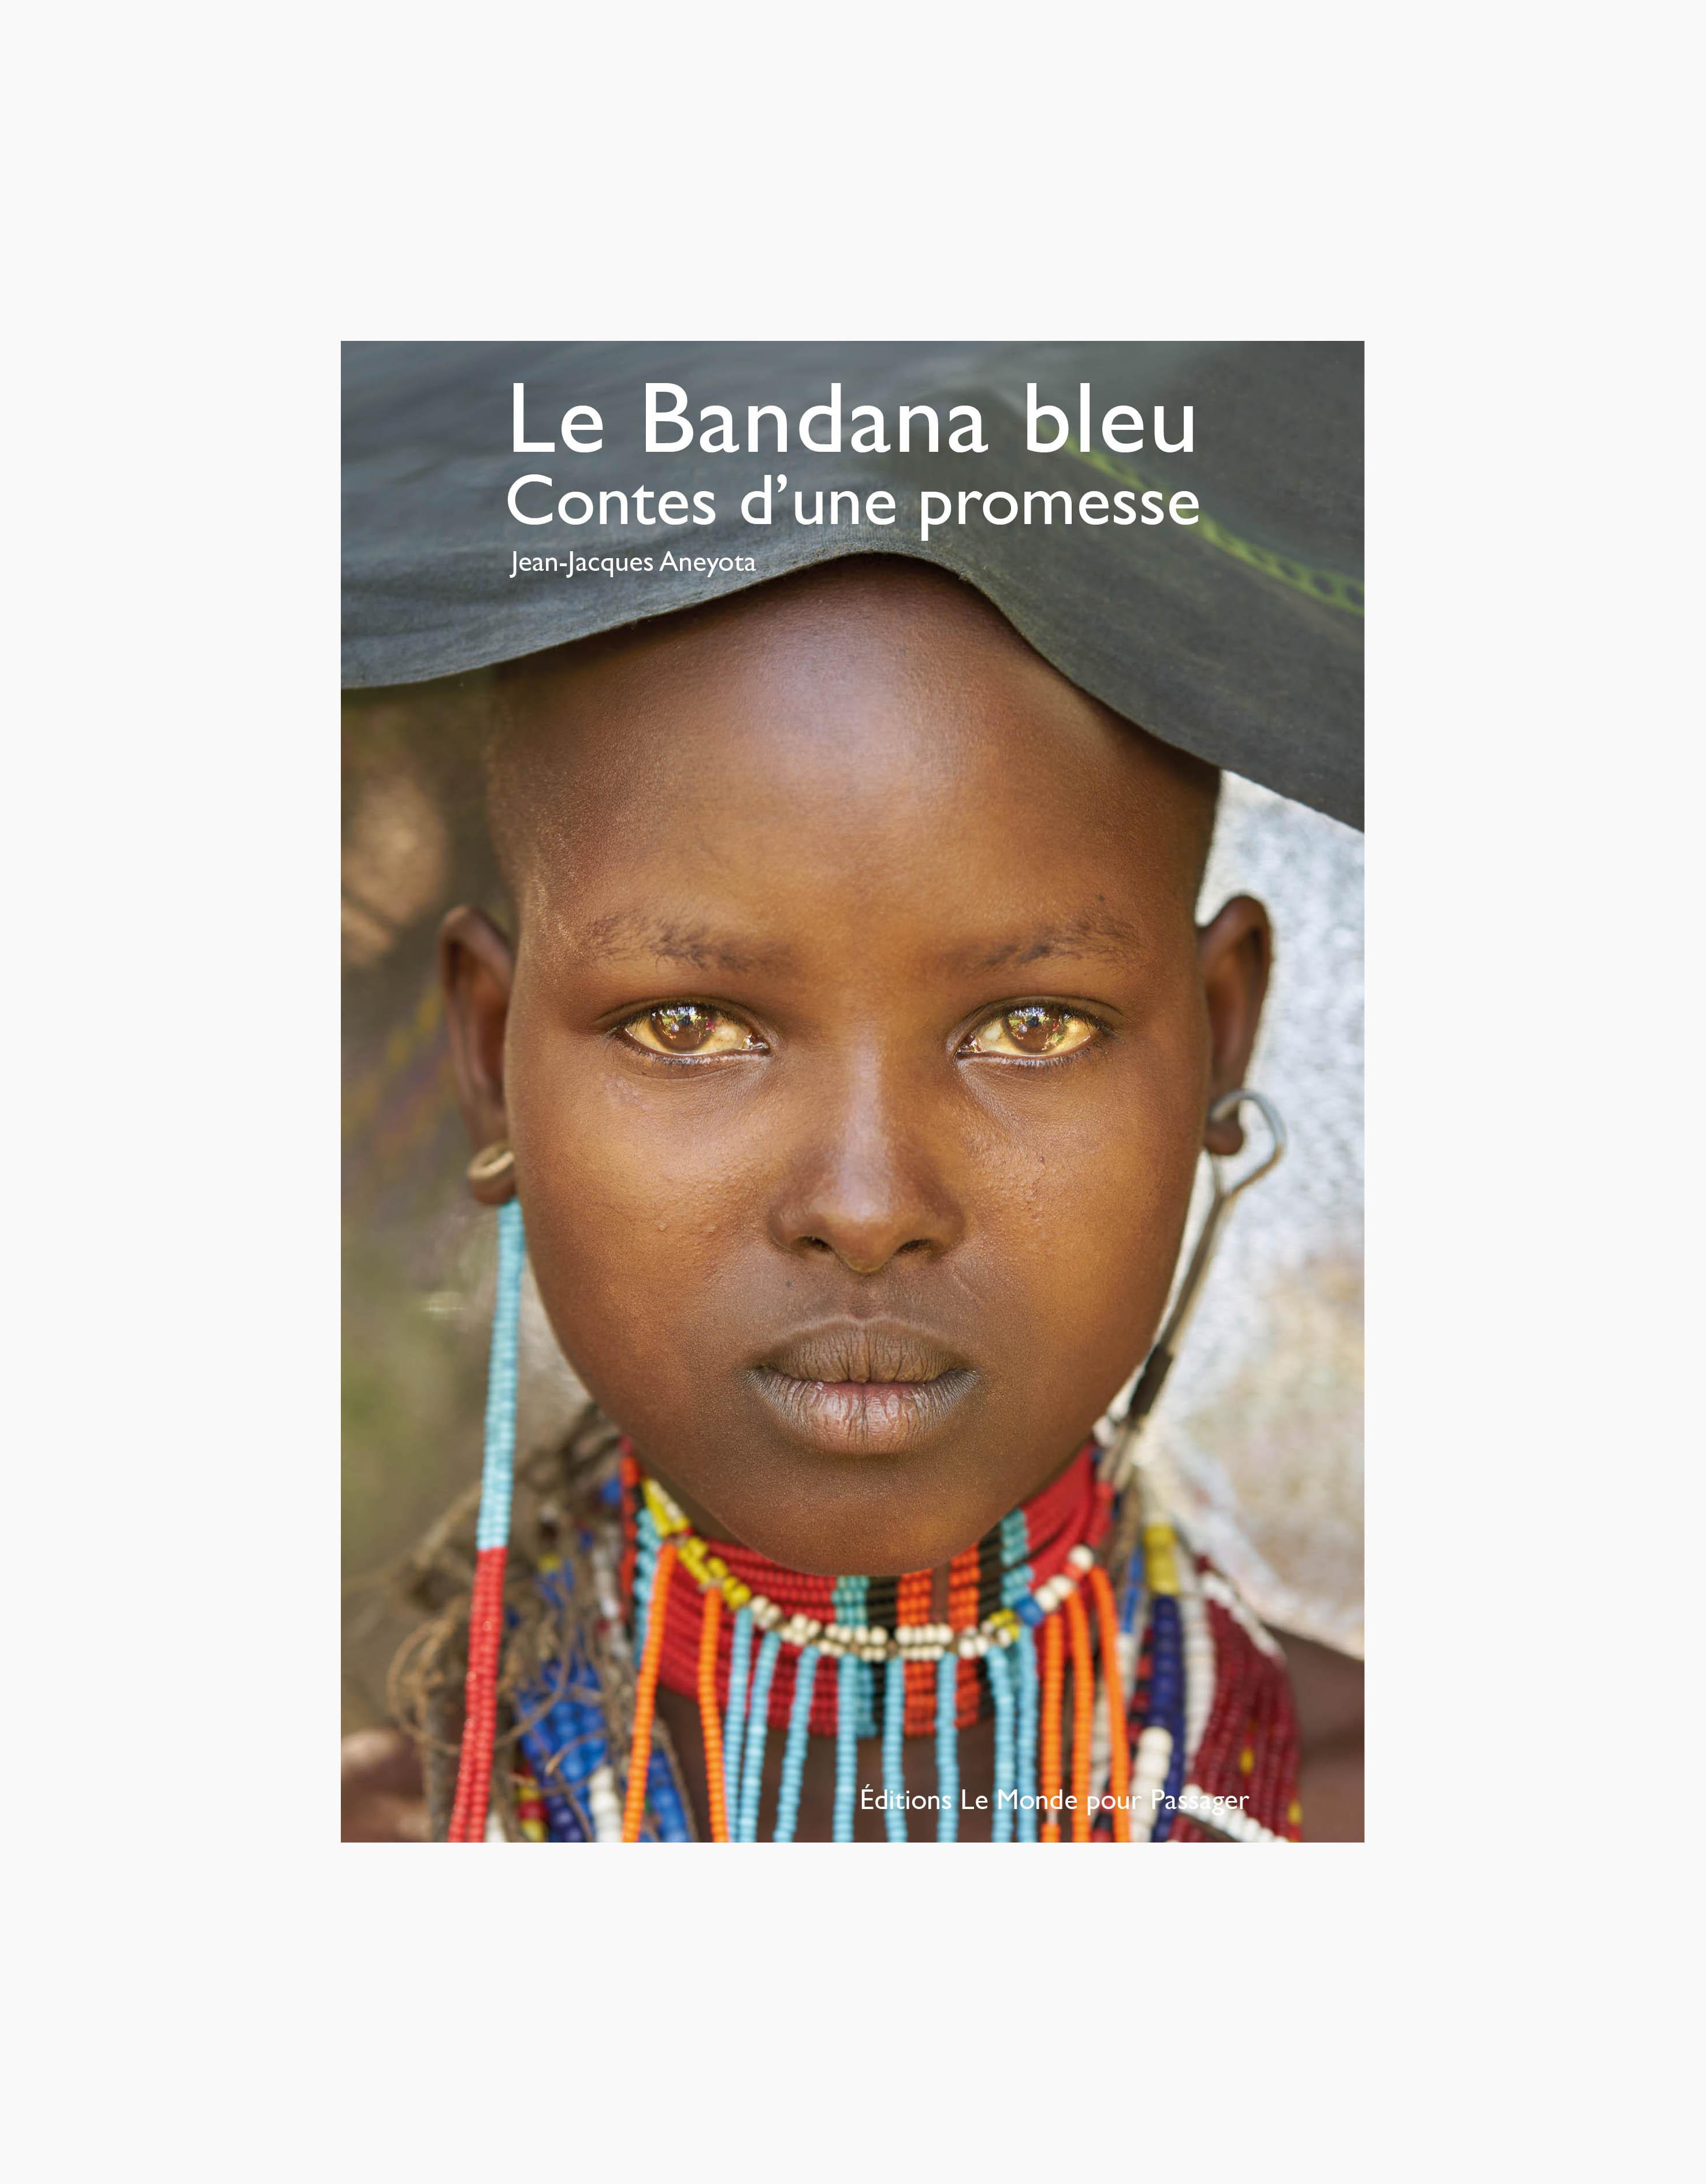 Le Bandana bleu